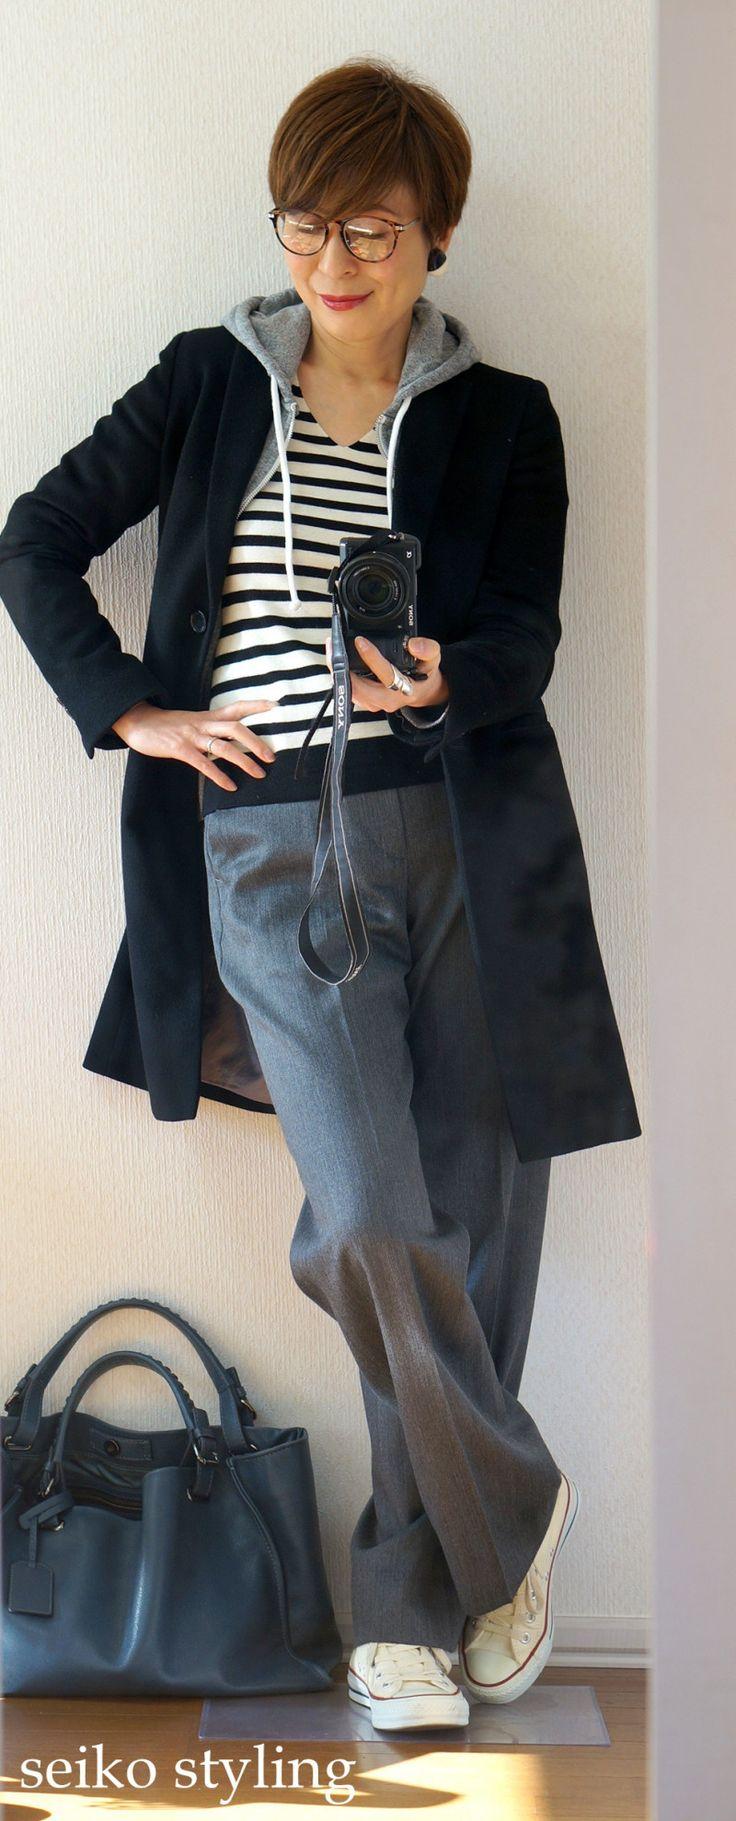 骨格タイプ「ストレート」ワイドパンツをどう取り入れる? の画像|服を変えれば、生き方が輝く!私がはじまるファッションコーデ